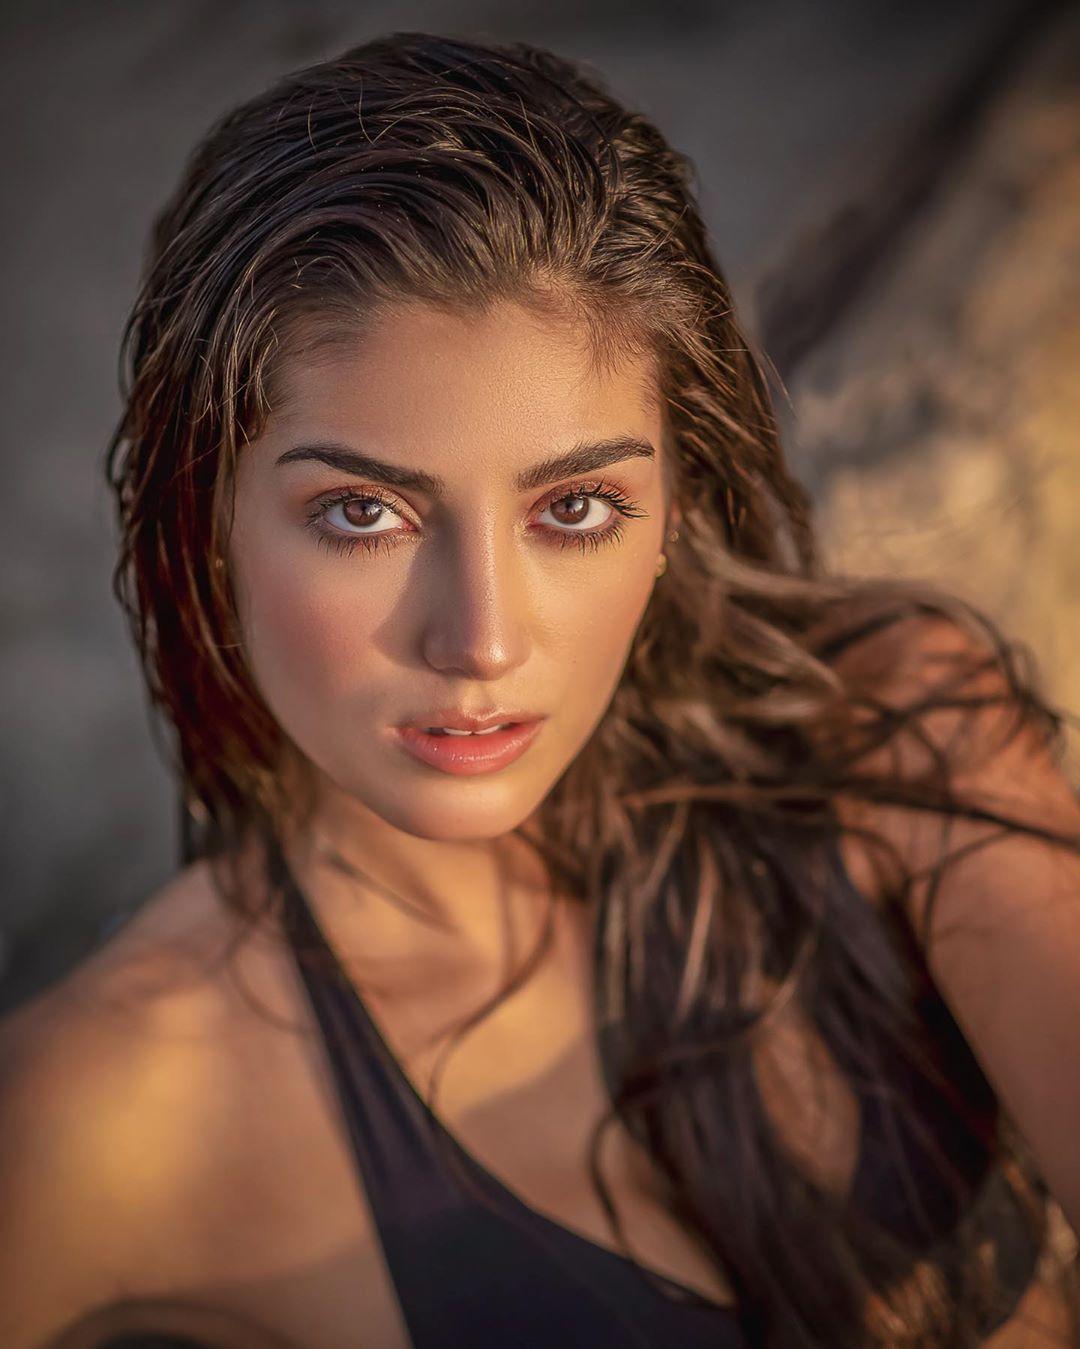 mariana jaramillo, miss charm colombia 2020. - Página 2 83070311